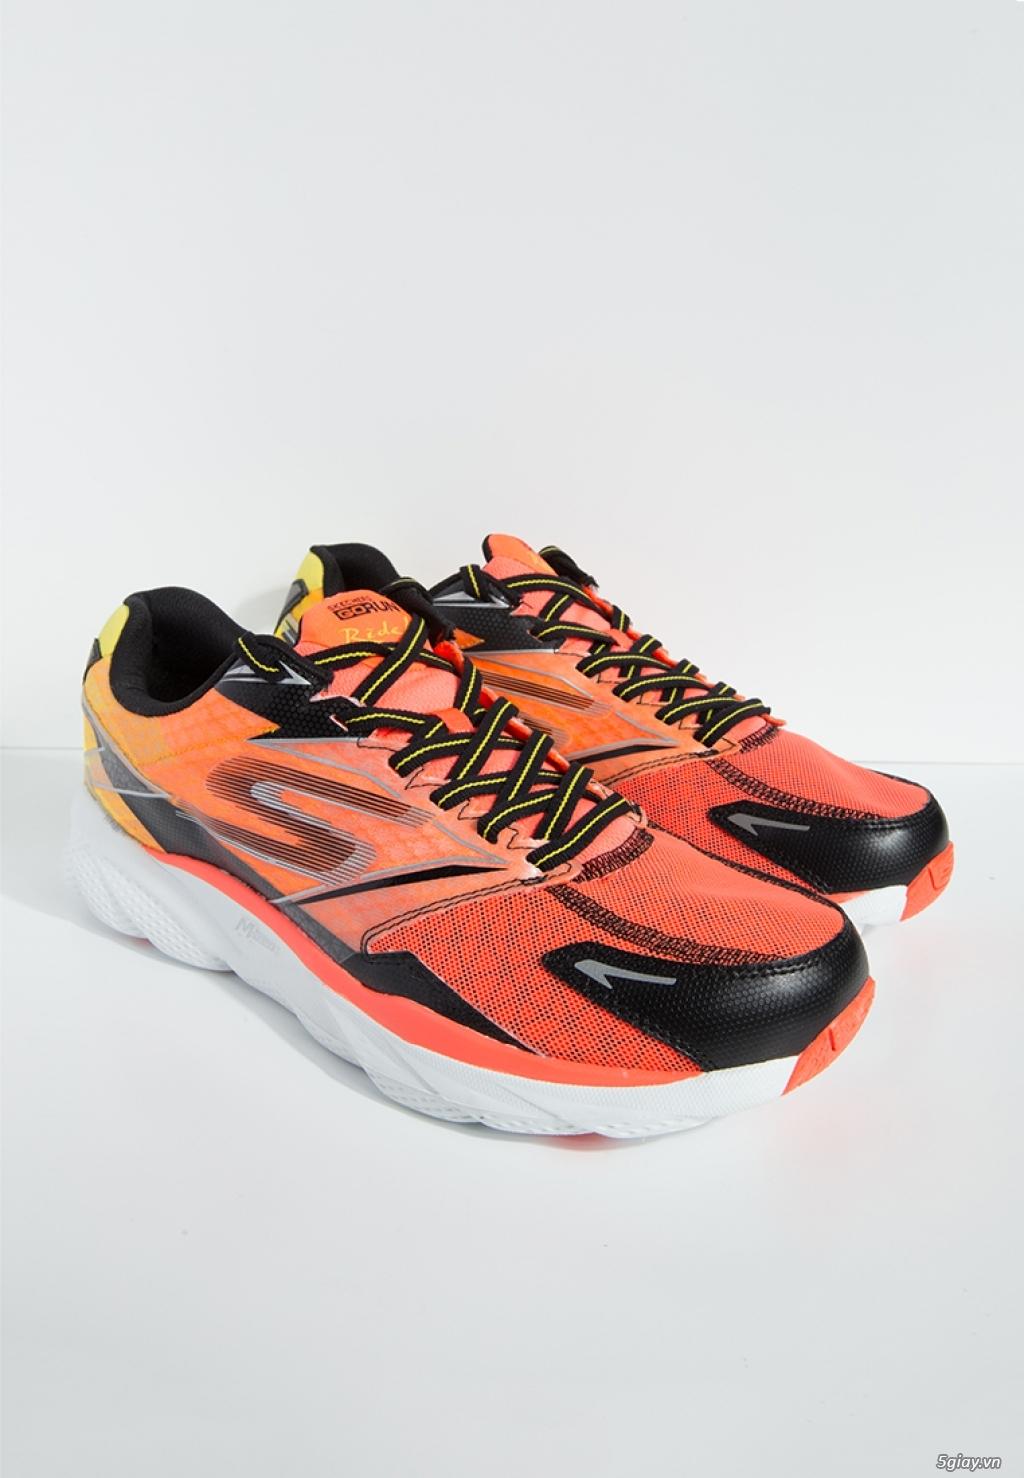 Rất nhiều giày Nike hàng real new 100% fullbox giá cực rẻ - 8